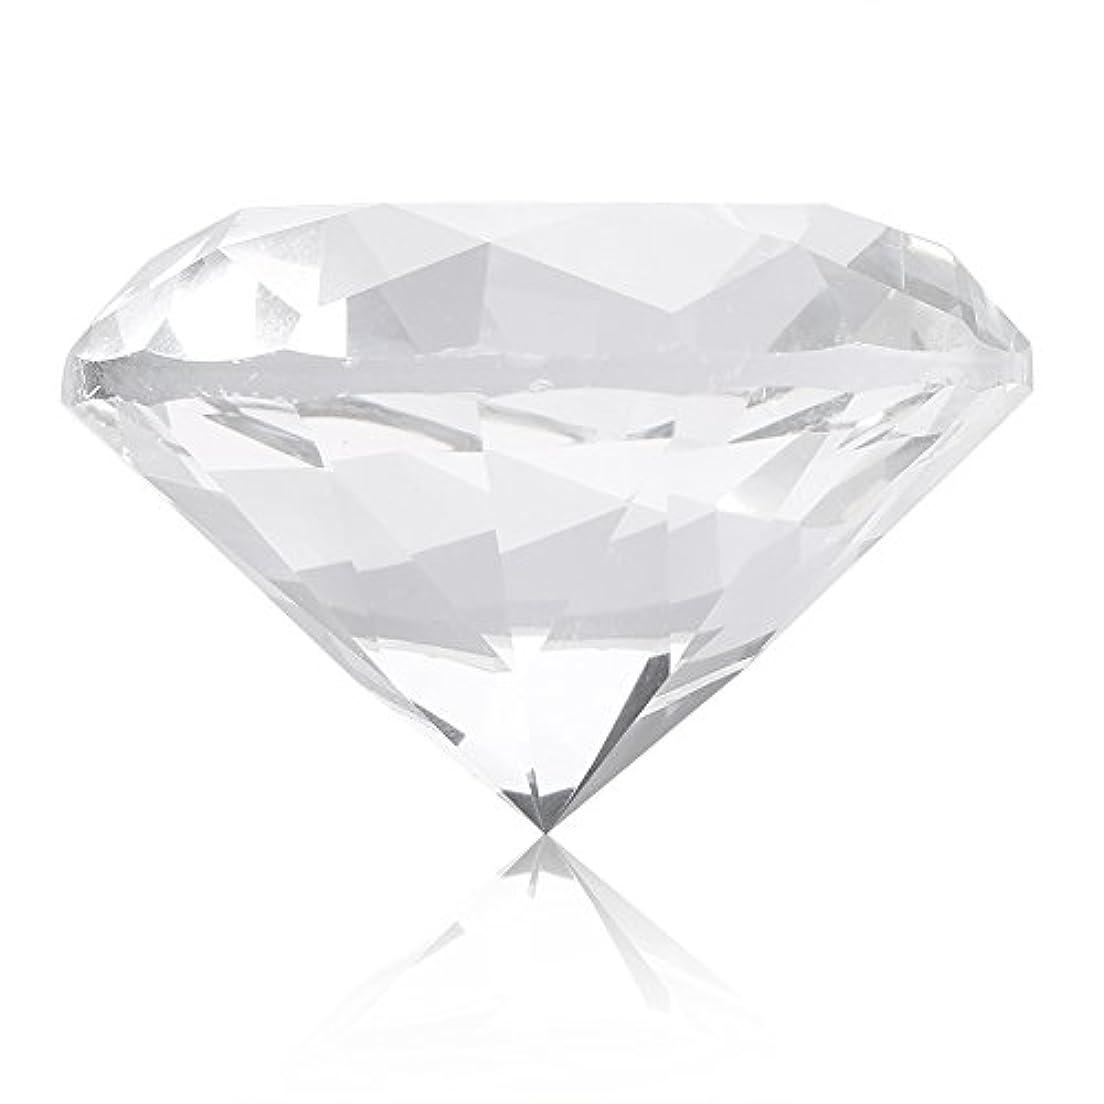 出席スツール基礎ネイルチップスタンド スタンドベース ネイルアートディスプレイ ガラス クリスタル ダイヤモンド 撮影道具 モデル ネイルチップホルダー (ホワイト)